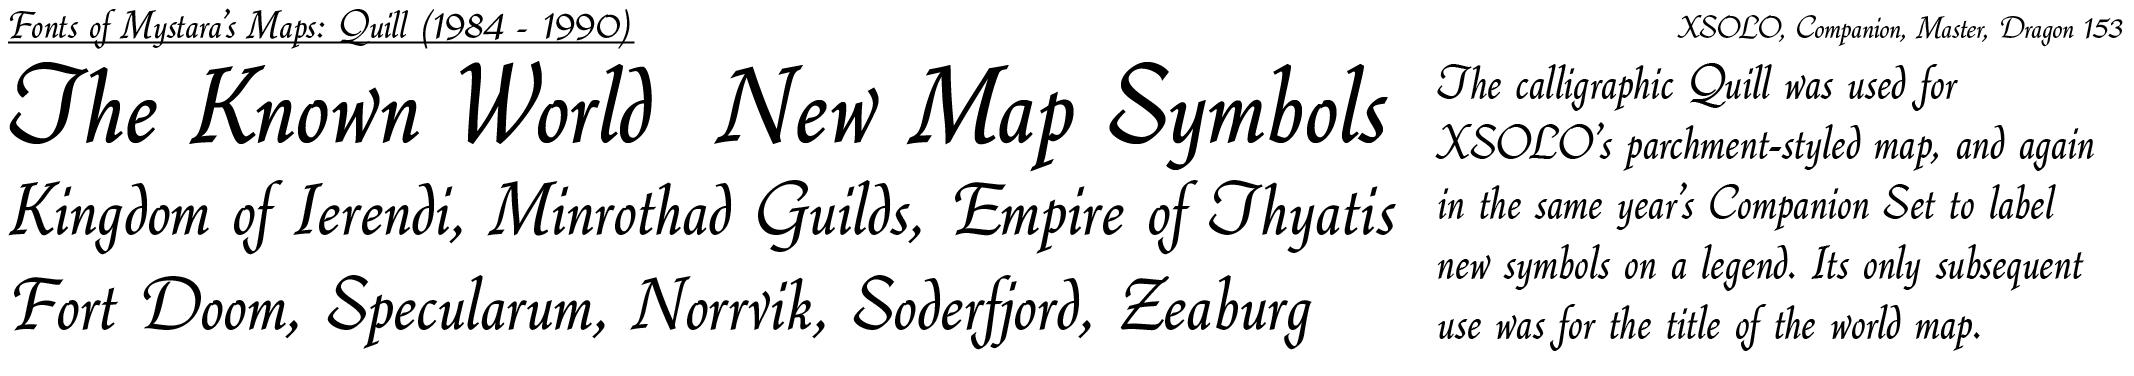 Mystara 1985 Atlas Of Mystara